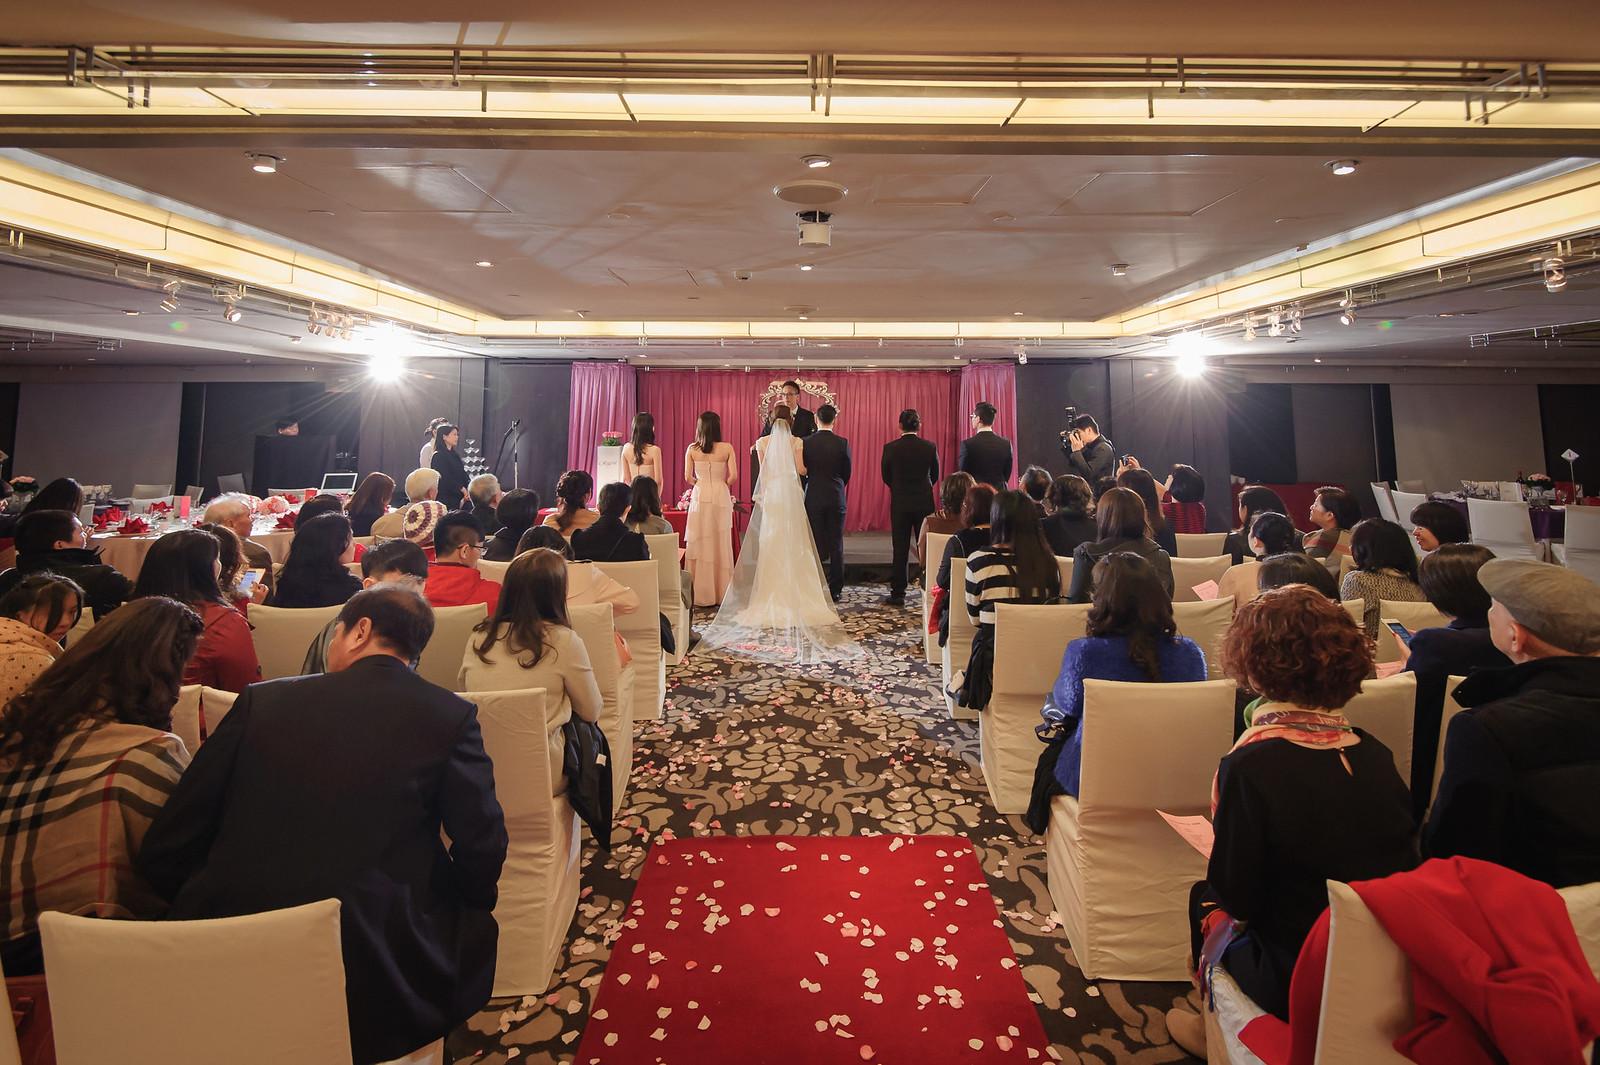 台北婚攝, 婚禮攝影, 婚攝, 婚攝守恆, 婚攝推薦, 晶華酒店, 晶華酒店婚宴, 晶華酒店婚攝-38